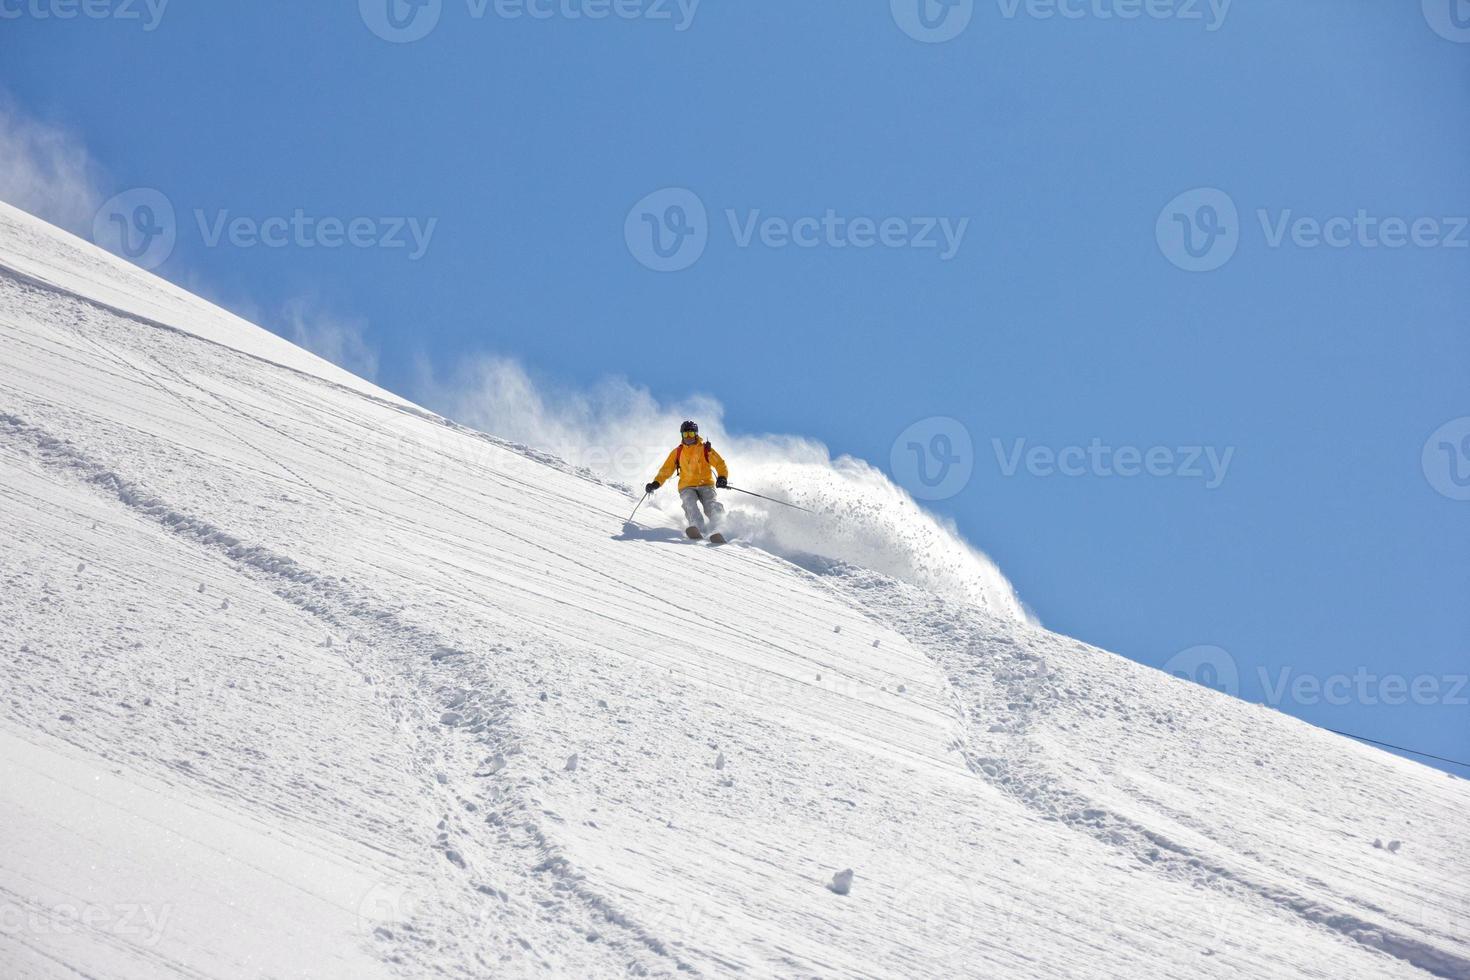 esquiador en polvo profundo, freeride extremo foto